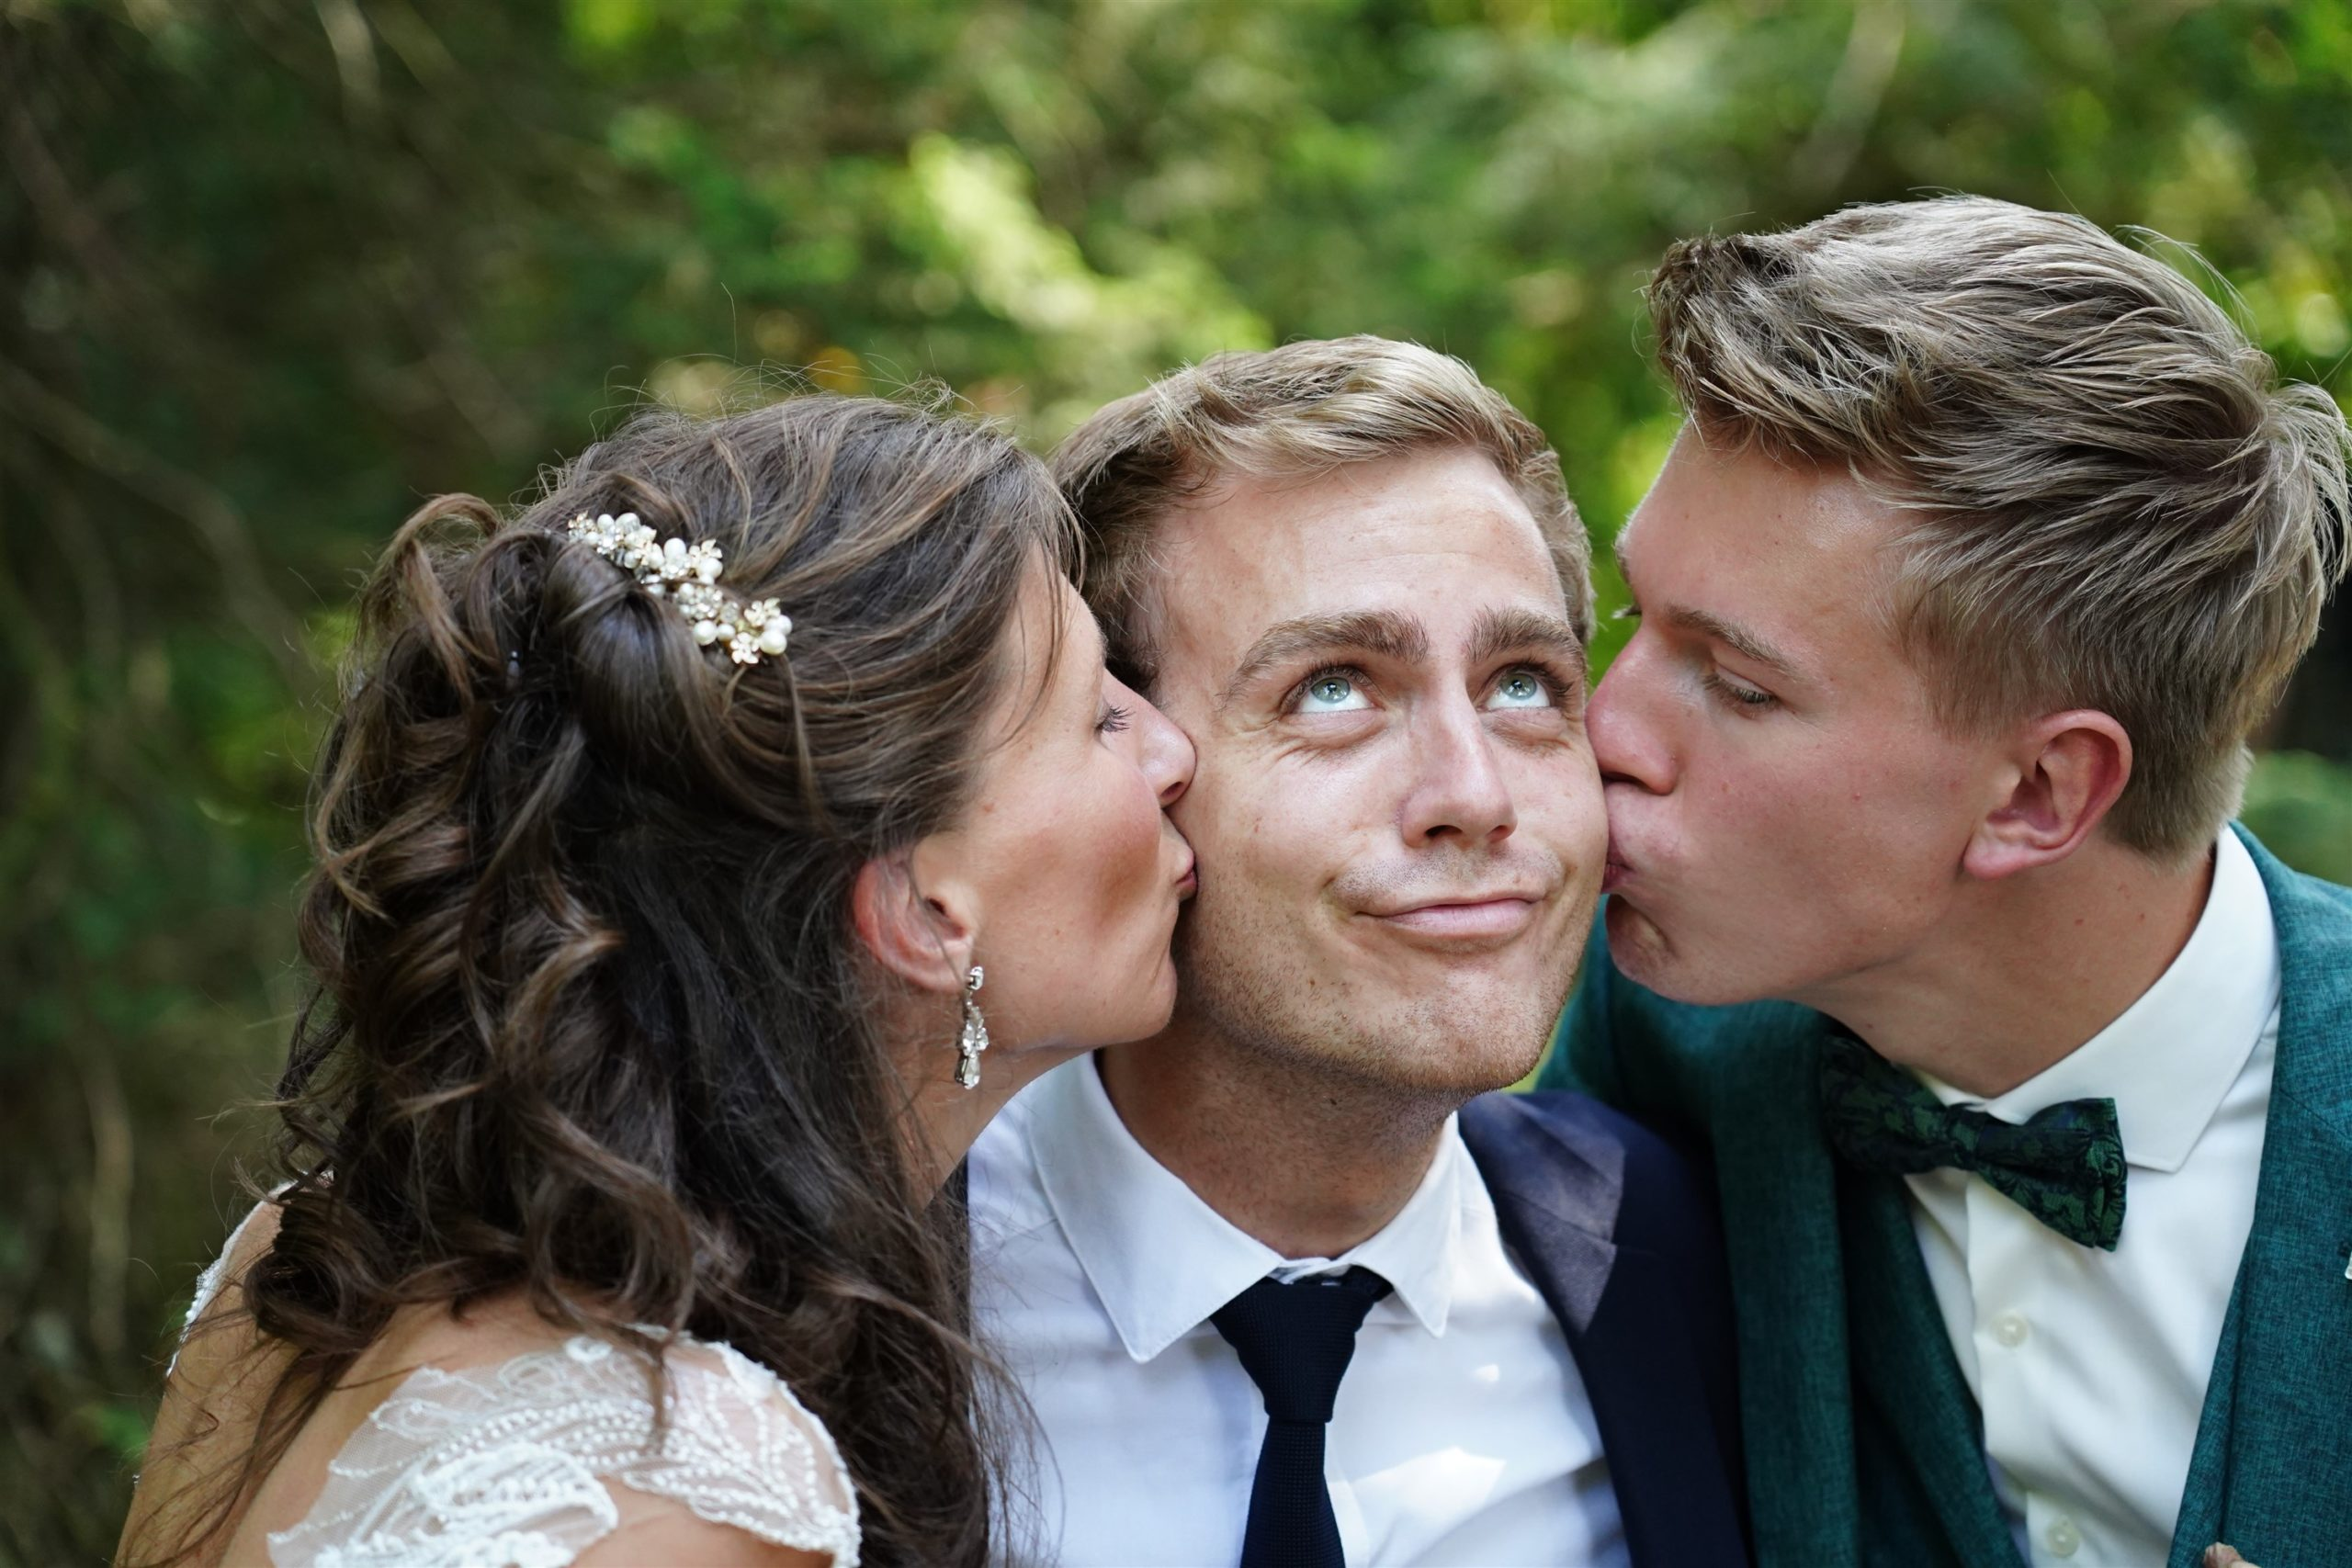 Eventfotografie huwelijk